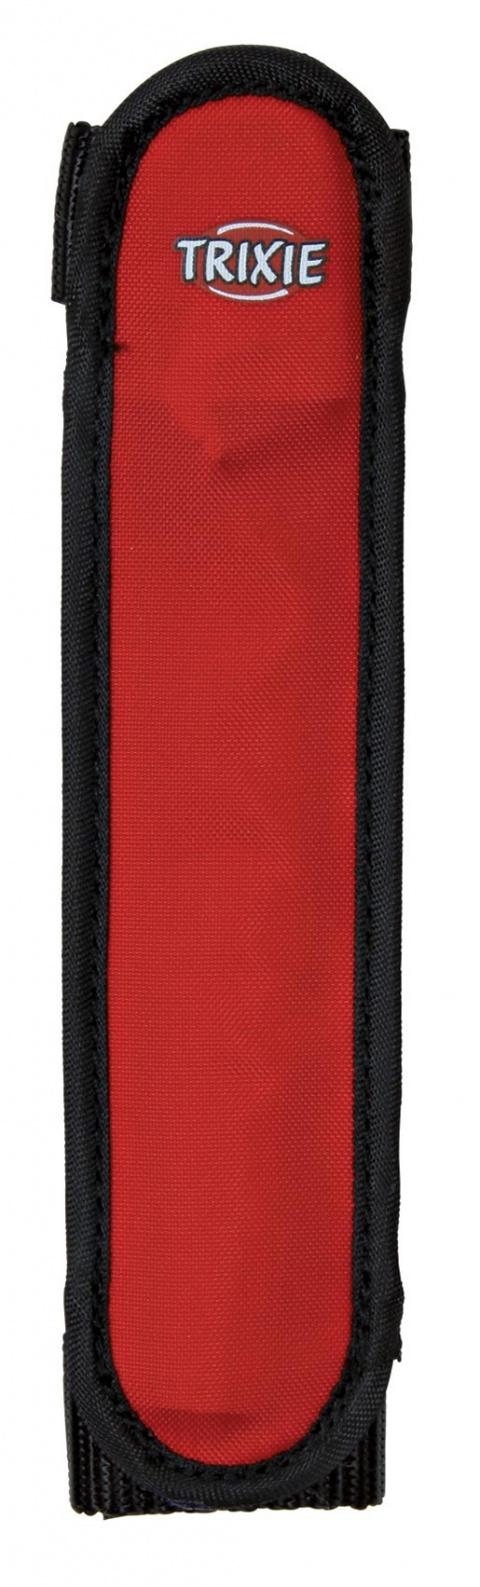 Отражающий ошейник для собак - TRIXIE Flash safety band/strip, 16 см, цвет - красный/черный title=